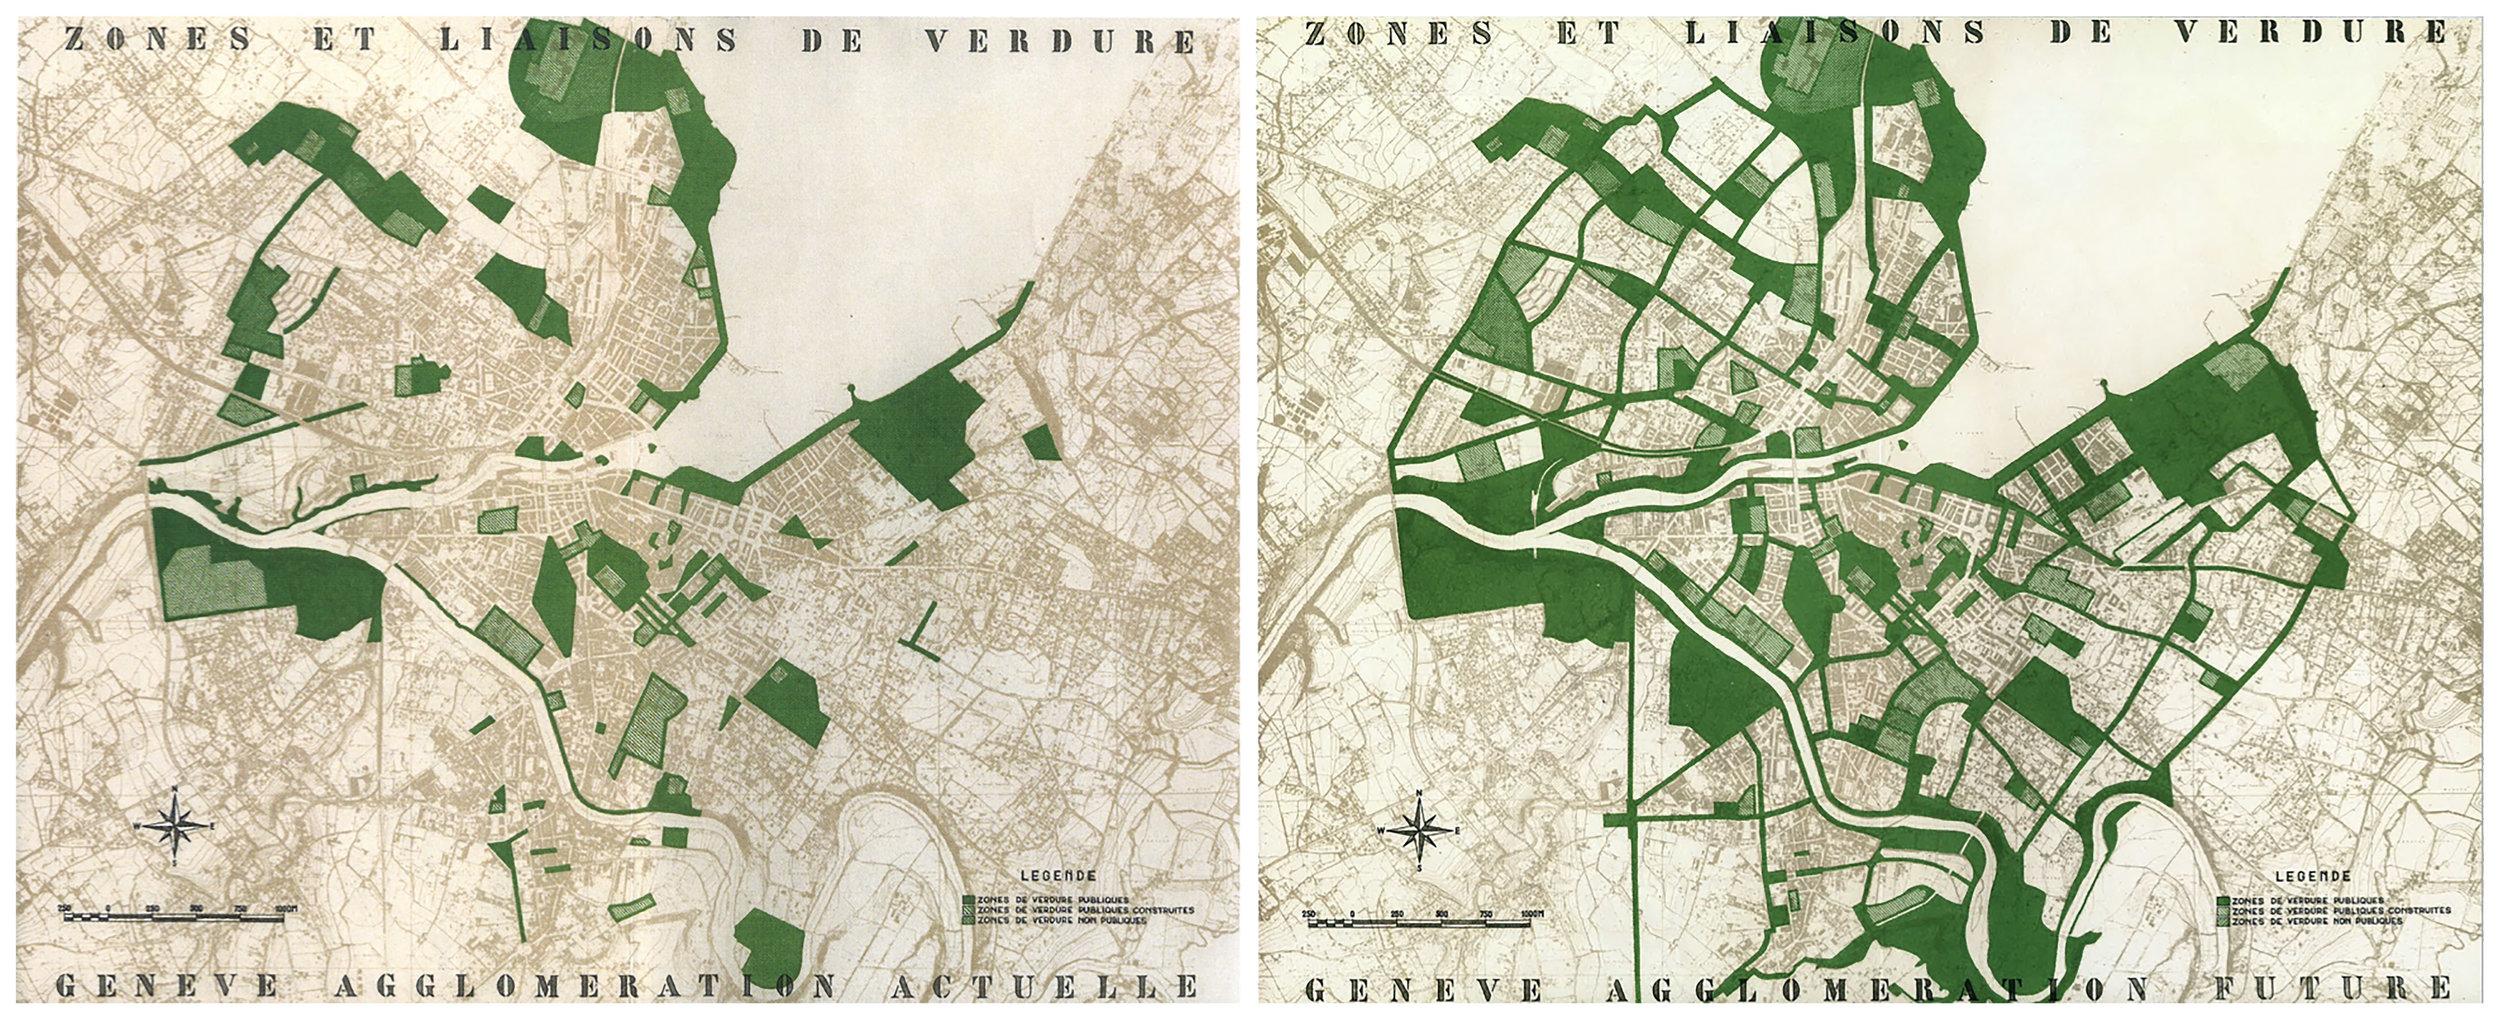 1948_geneva_park system-print.jpg